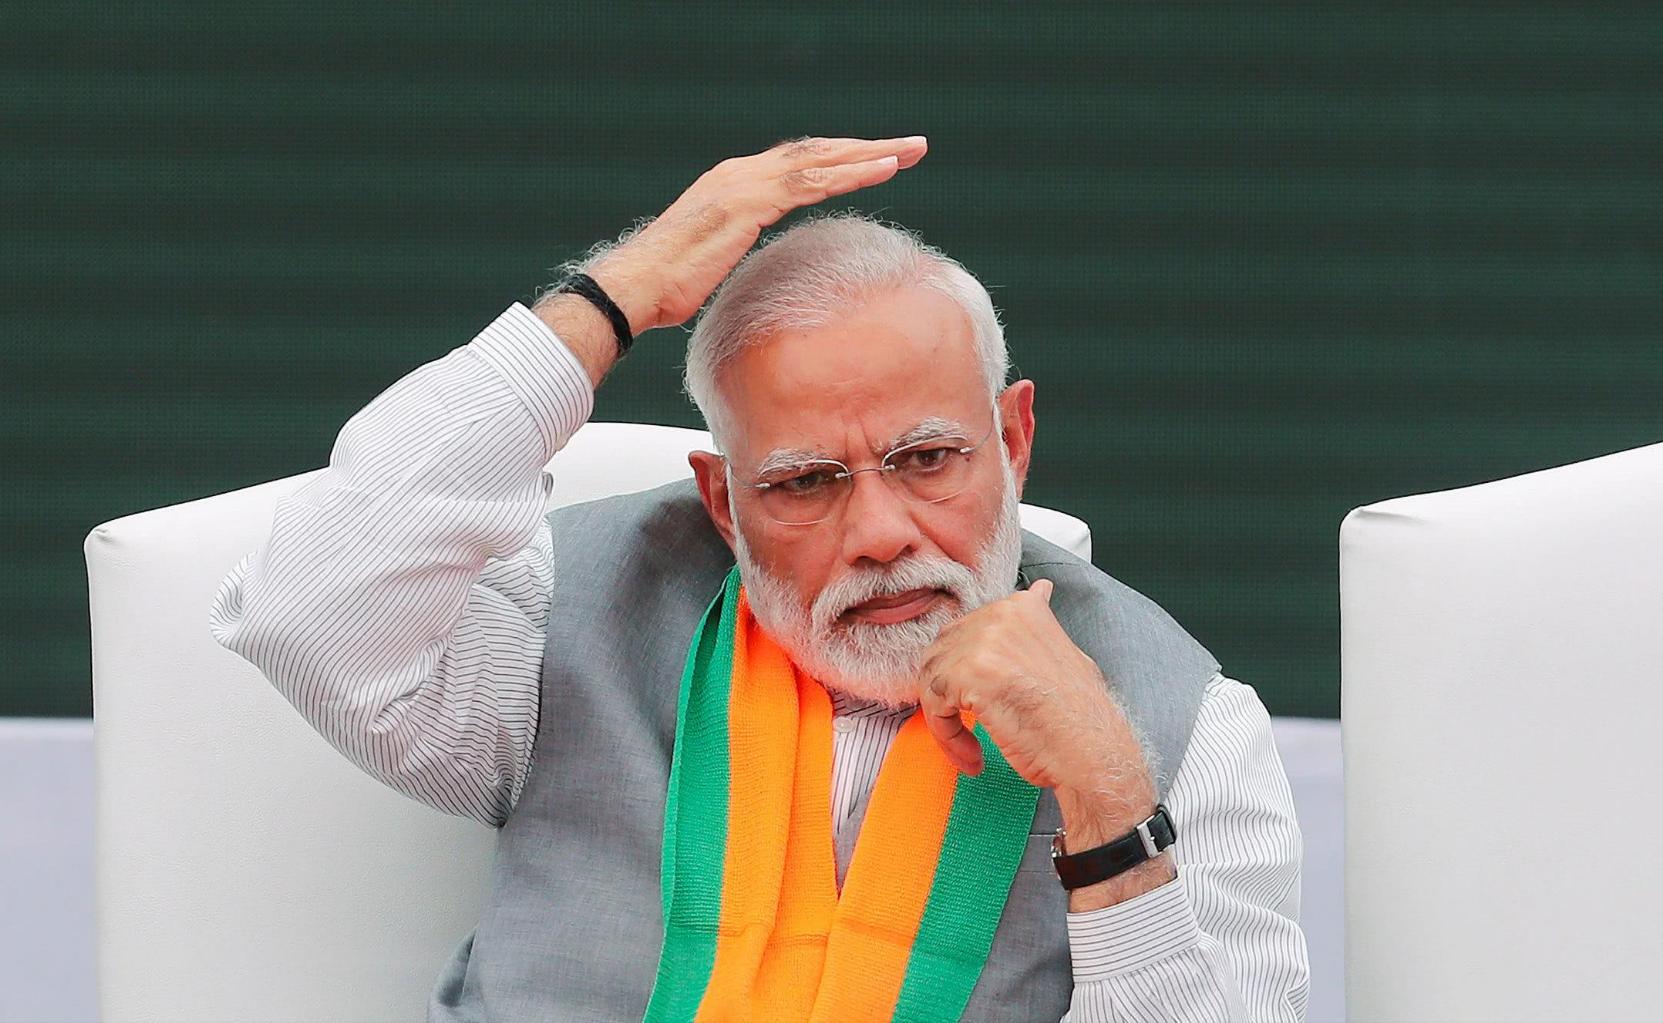 局势升级?印度再次增加兵力部署,印防长检查印军战备